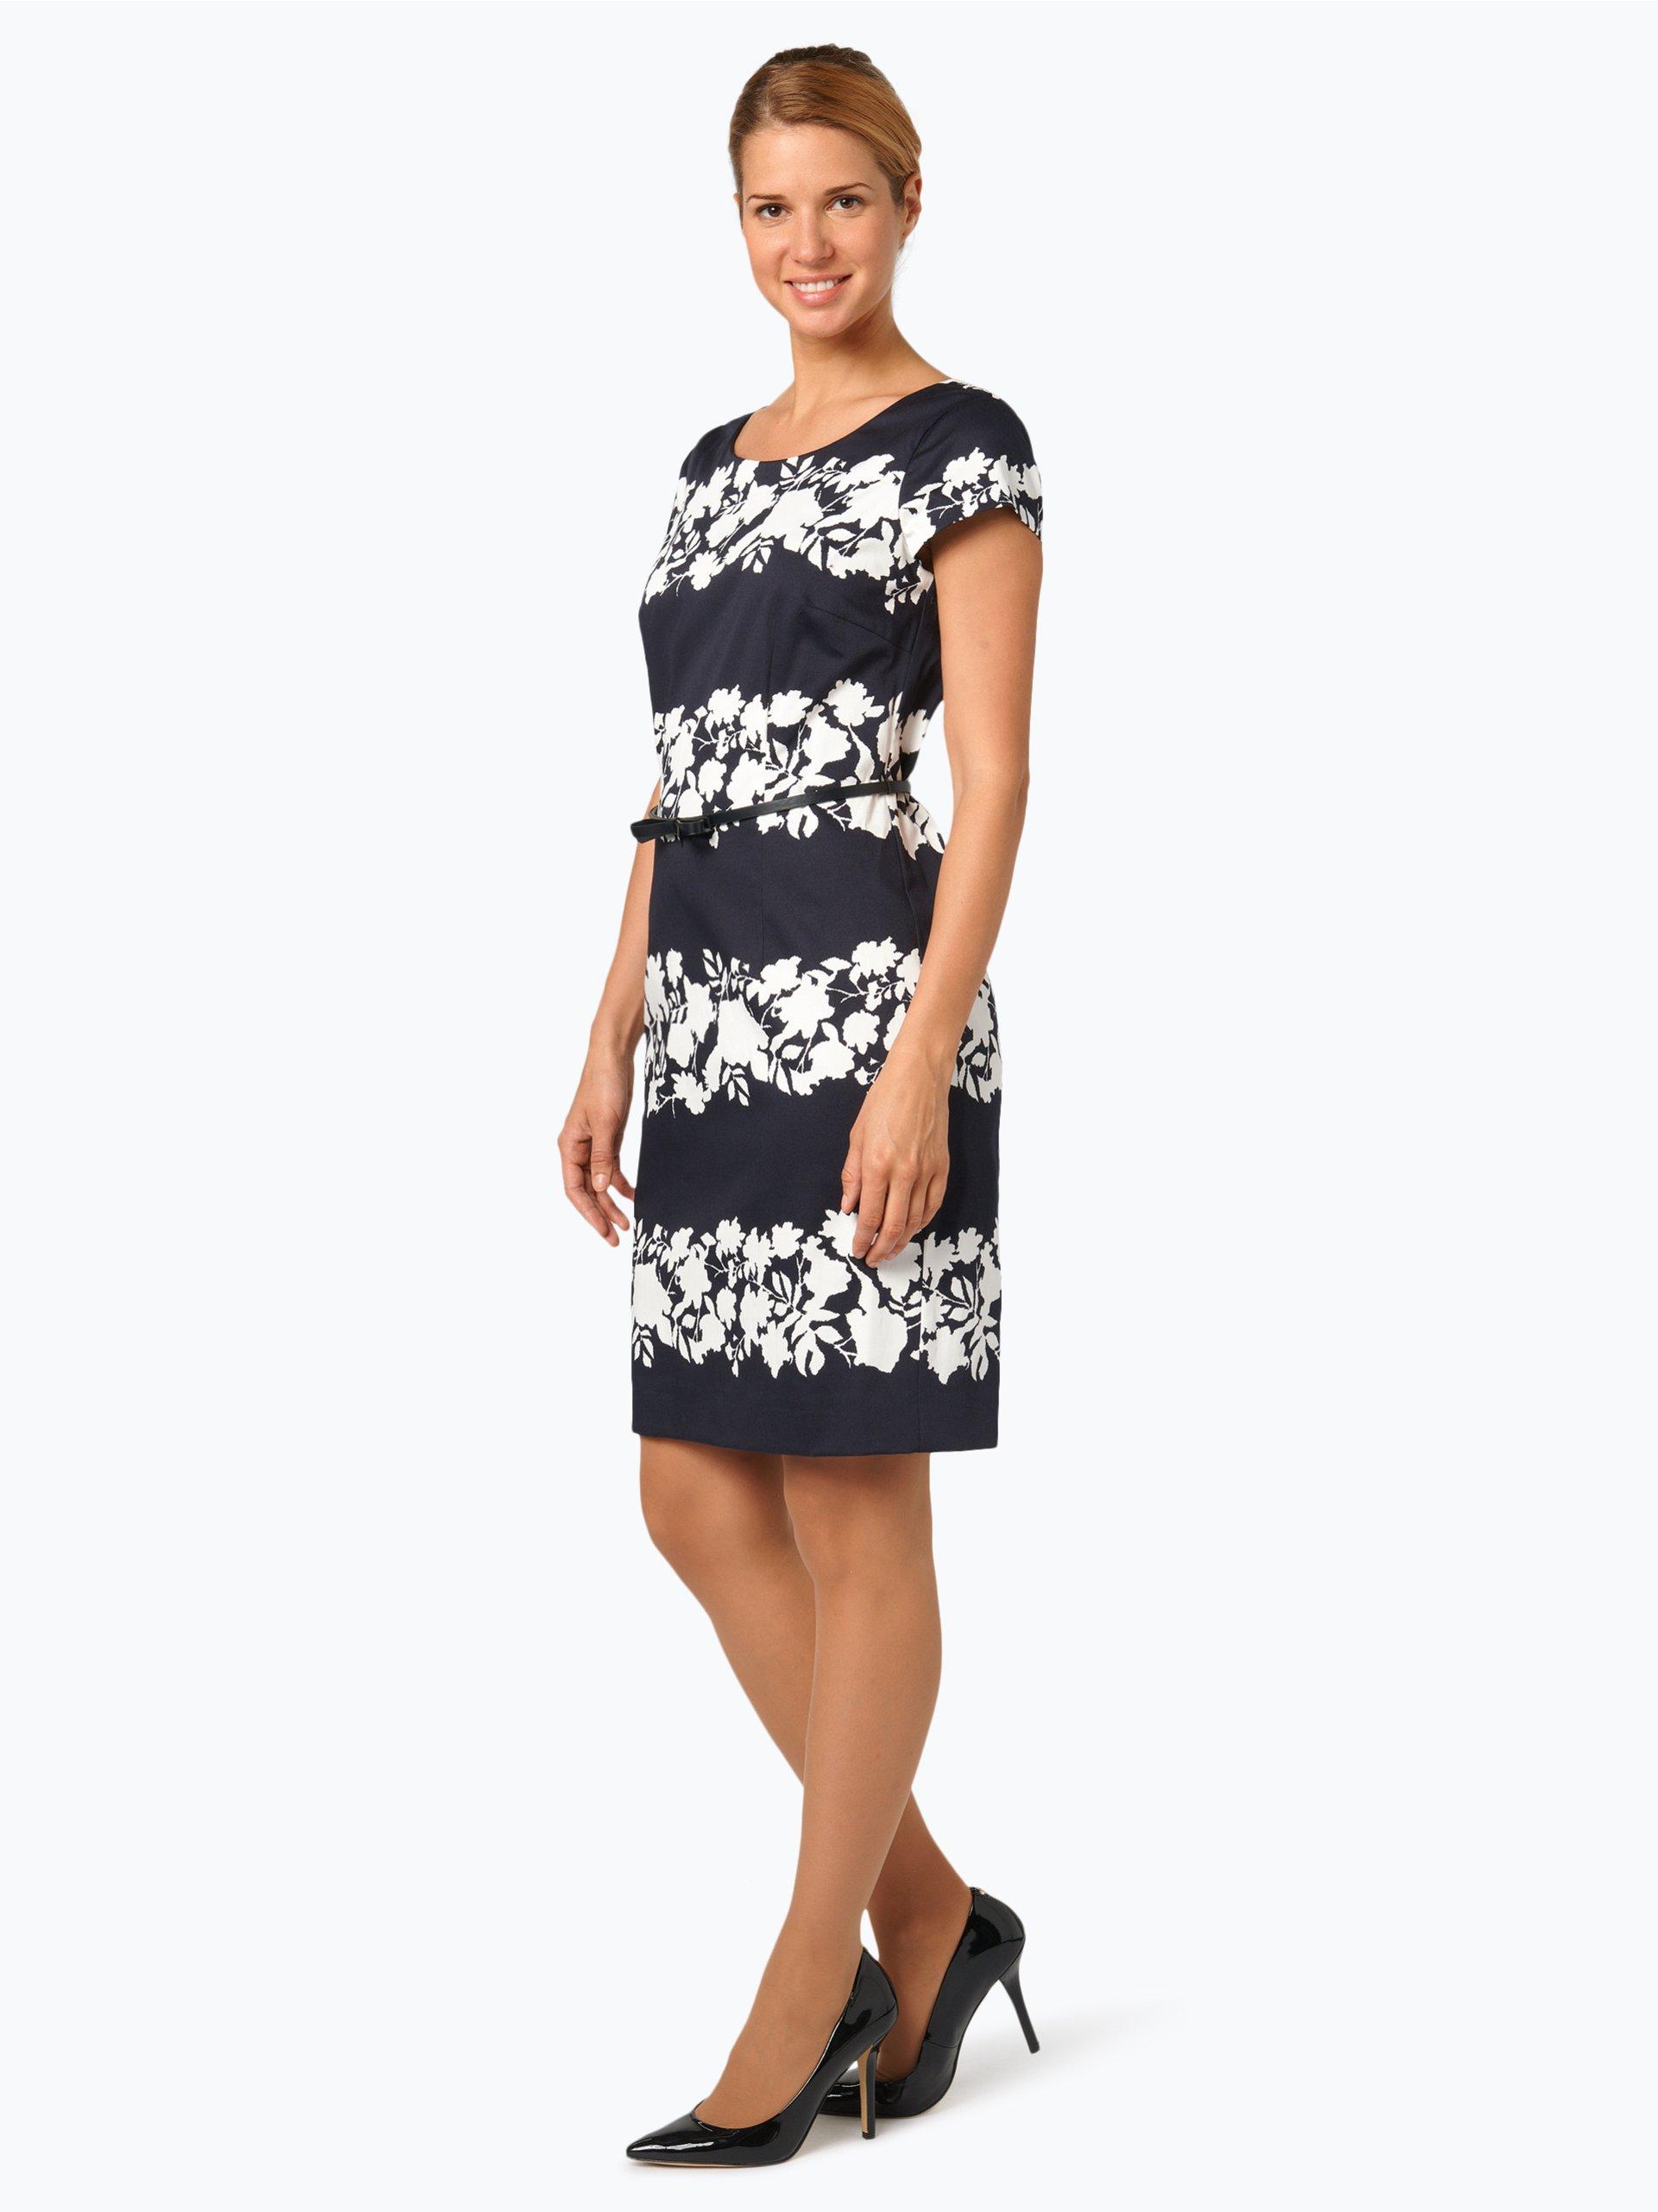 comma damen kleid wei gemustert online kaufen vangraaf com. Black Bedroom Furniture Sets. Home Design Ideas